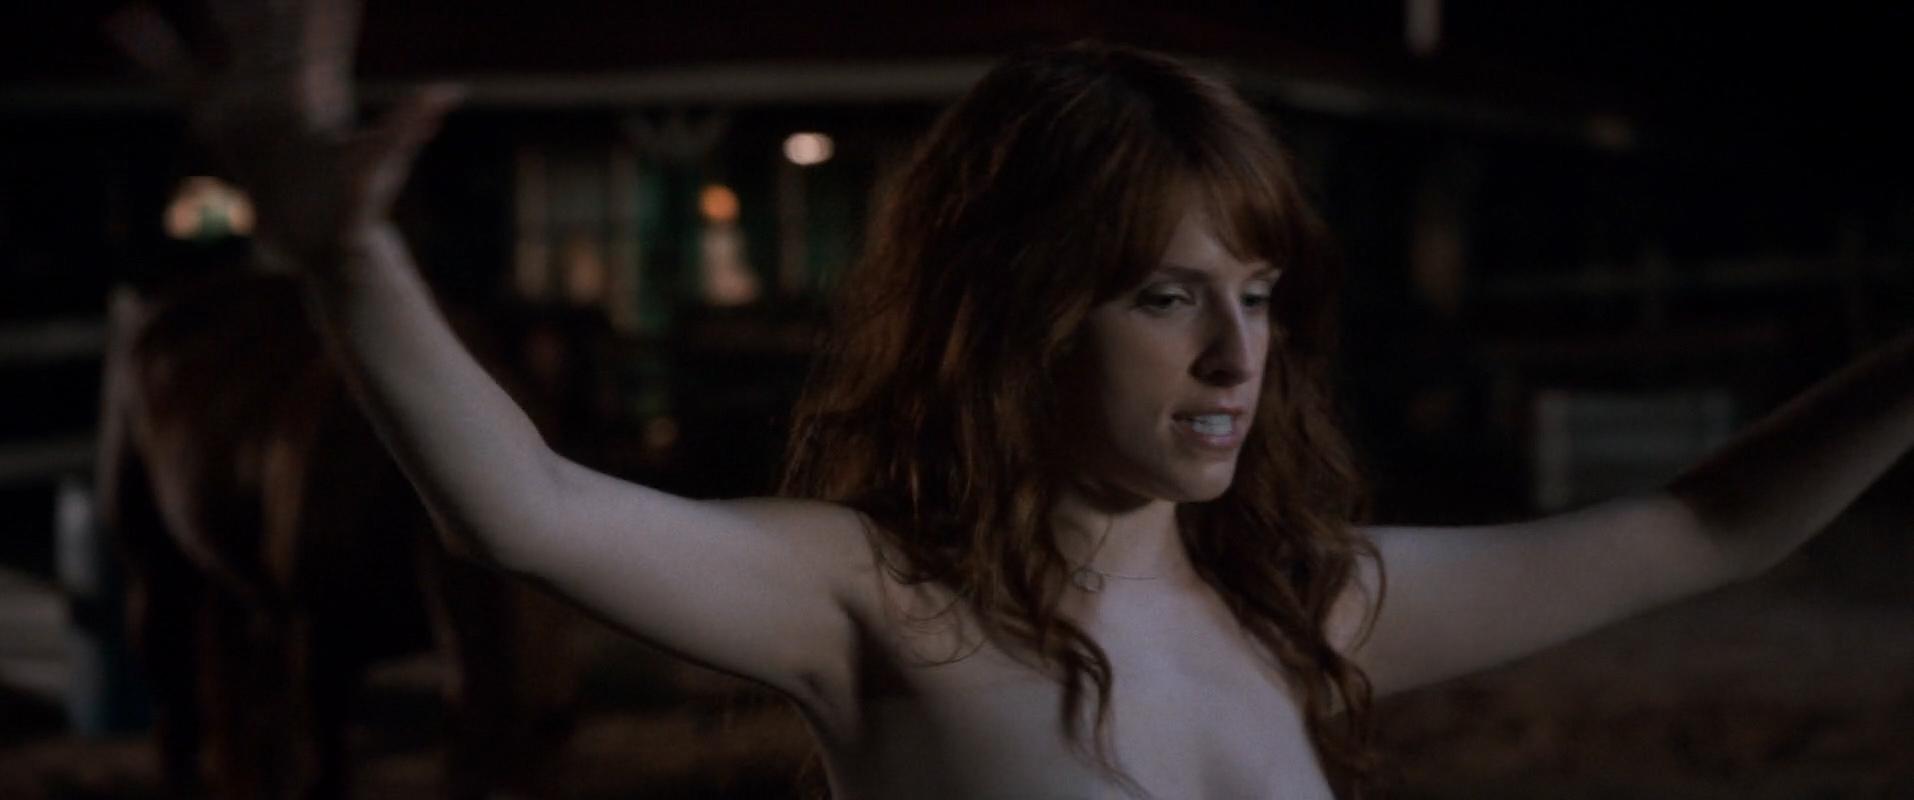 Aubrey Plaza Nude Butt Anna Kendrick Hot Alice Wetterlund -4272